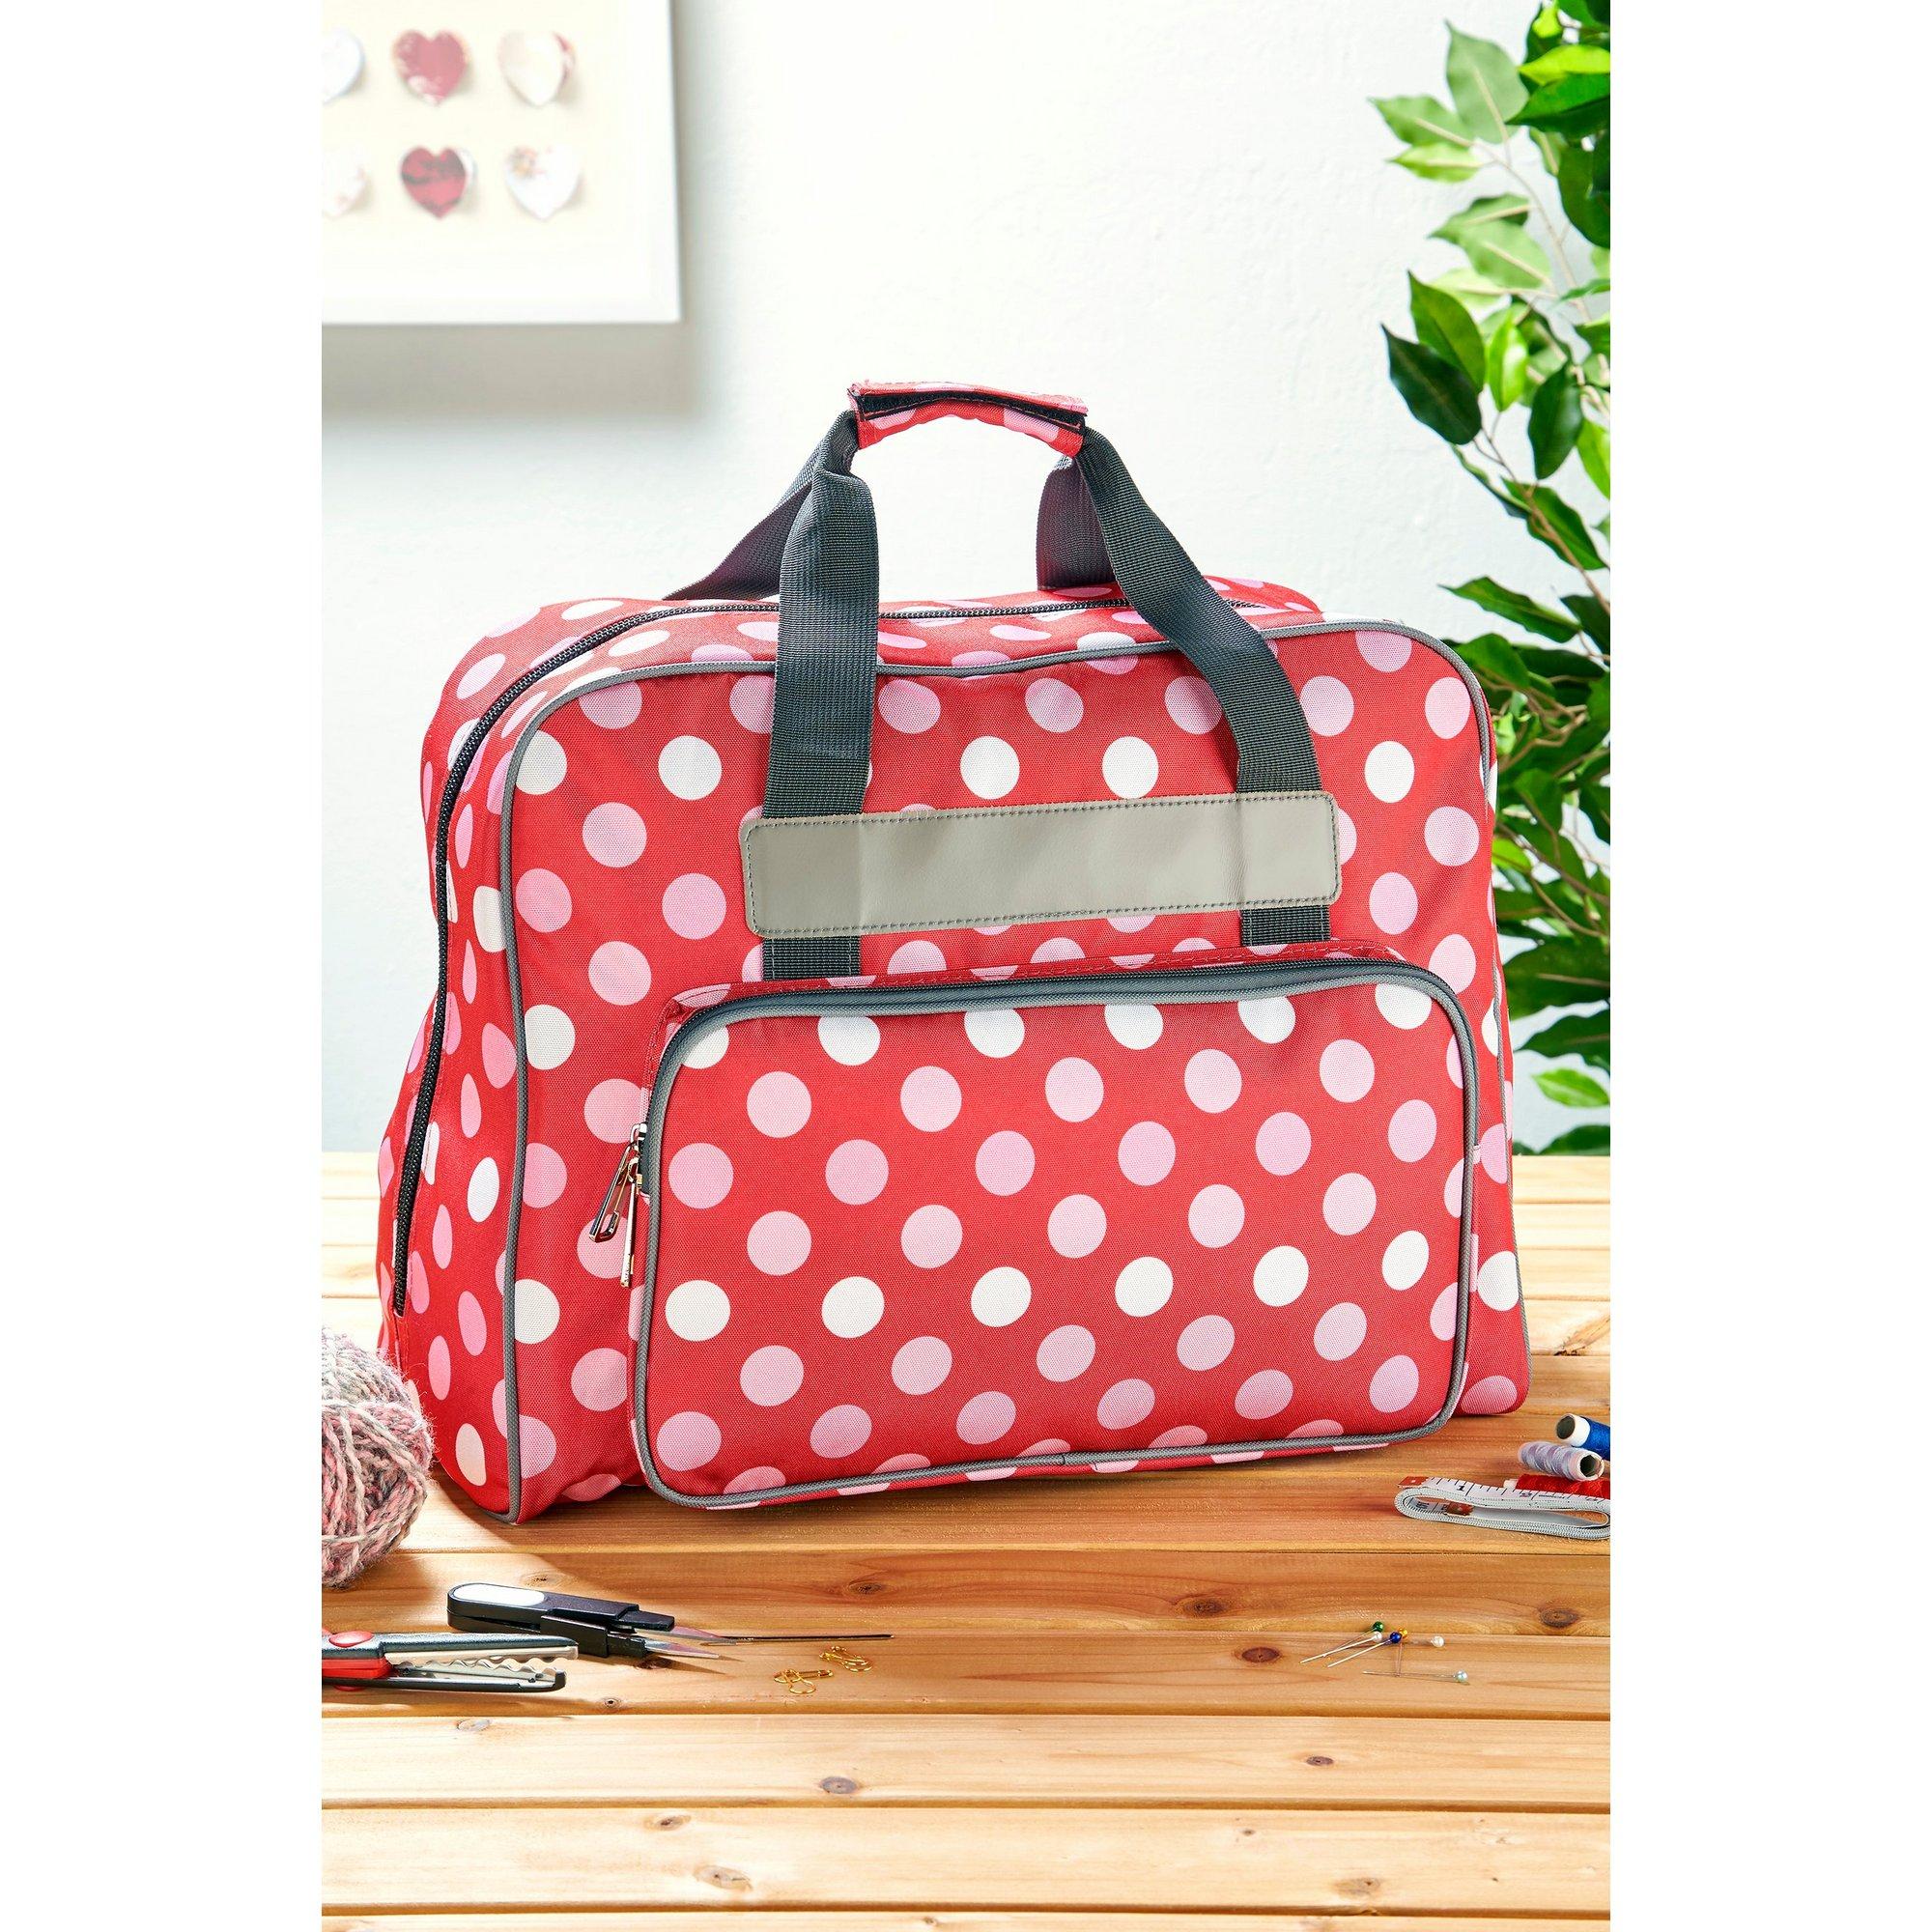 Image of Polka Dot Sewing Bag